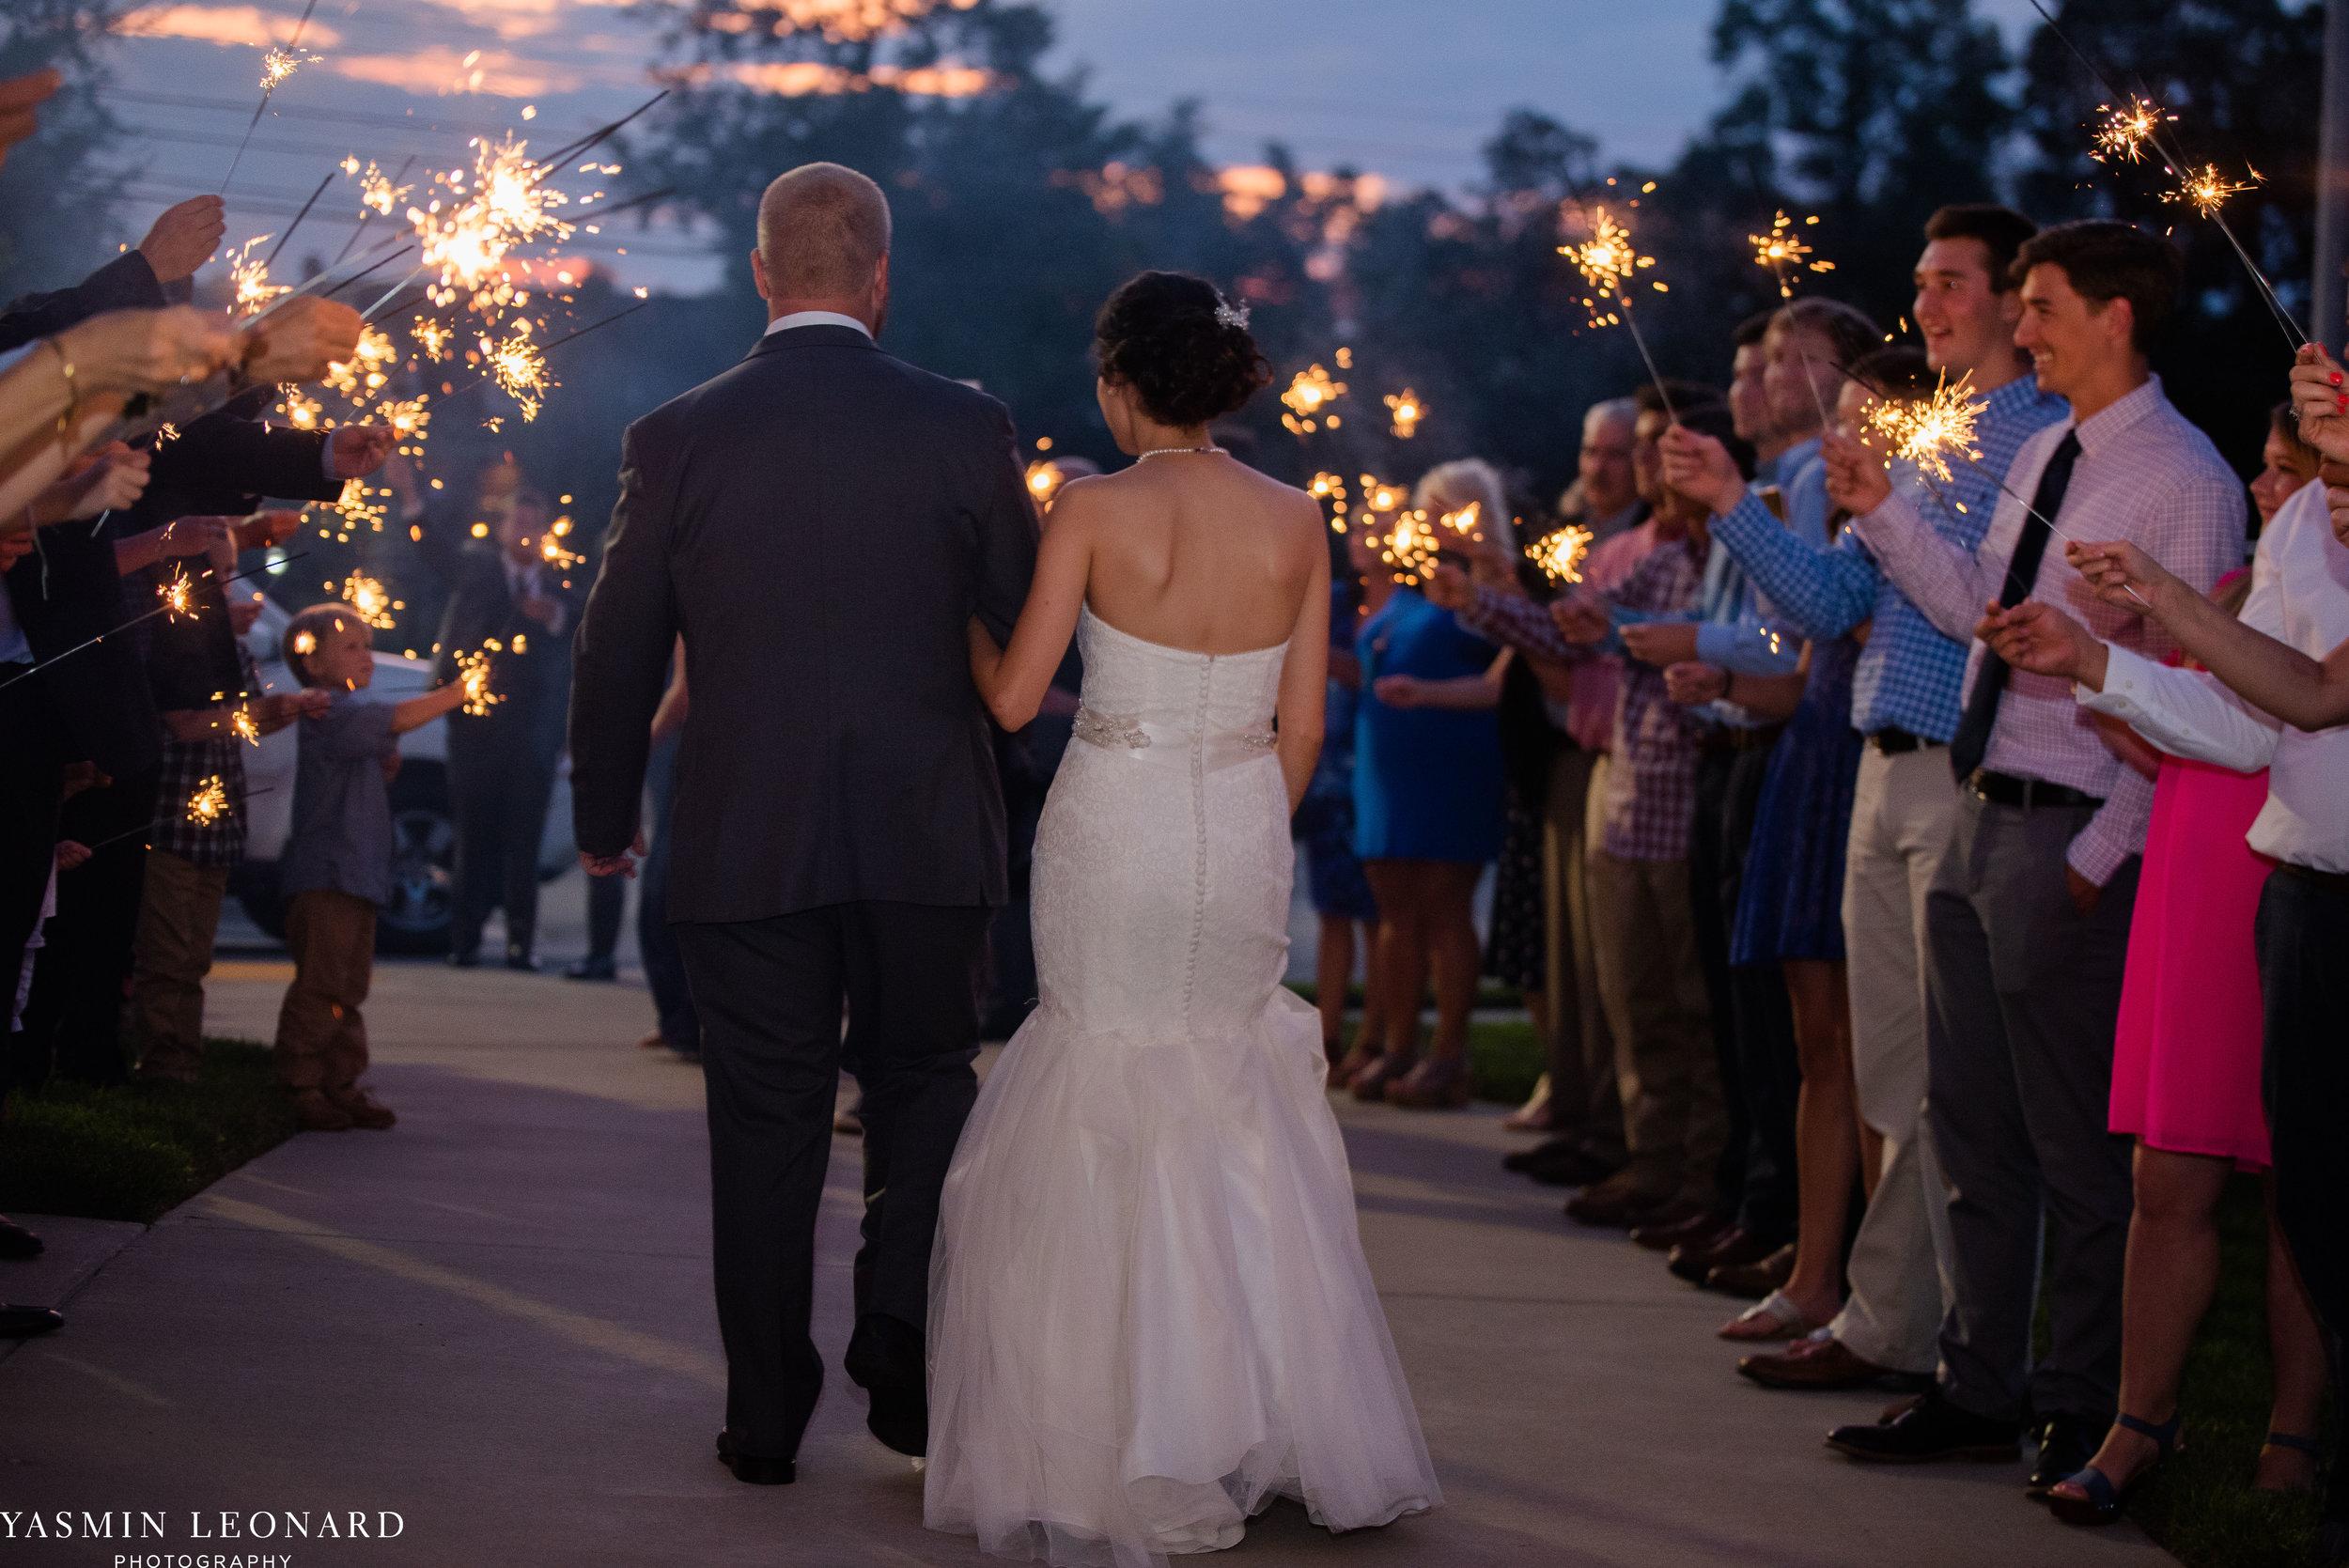 Mt. Pleasant Church - Church Wedding - Traditional Wedding - Church Ceremony - Country Wedding - Godly Wedding - NC Wedding Photographer - High Point Weddings - Triad Weddings - NC Venues-59.jpg